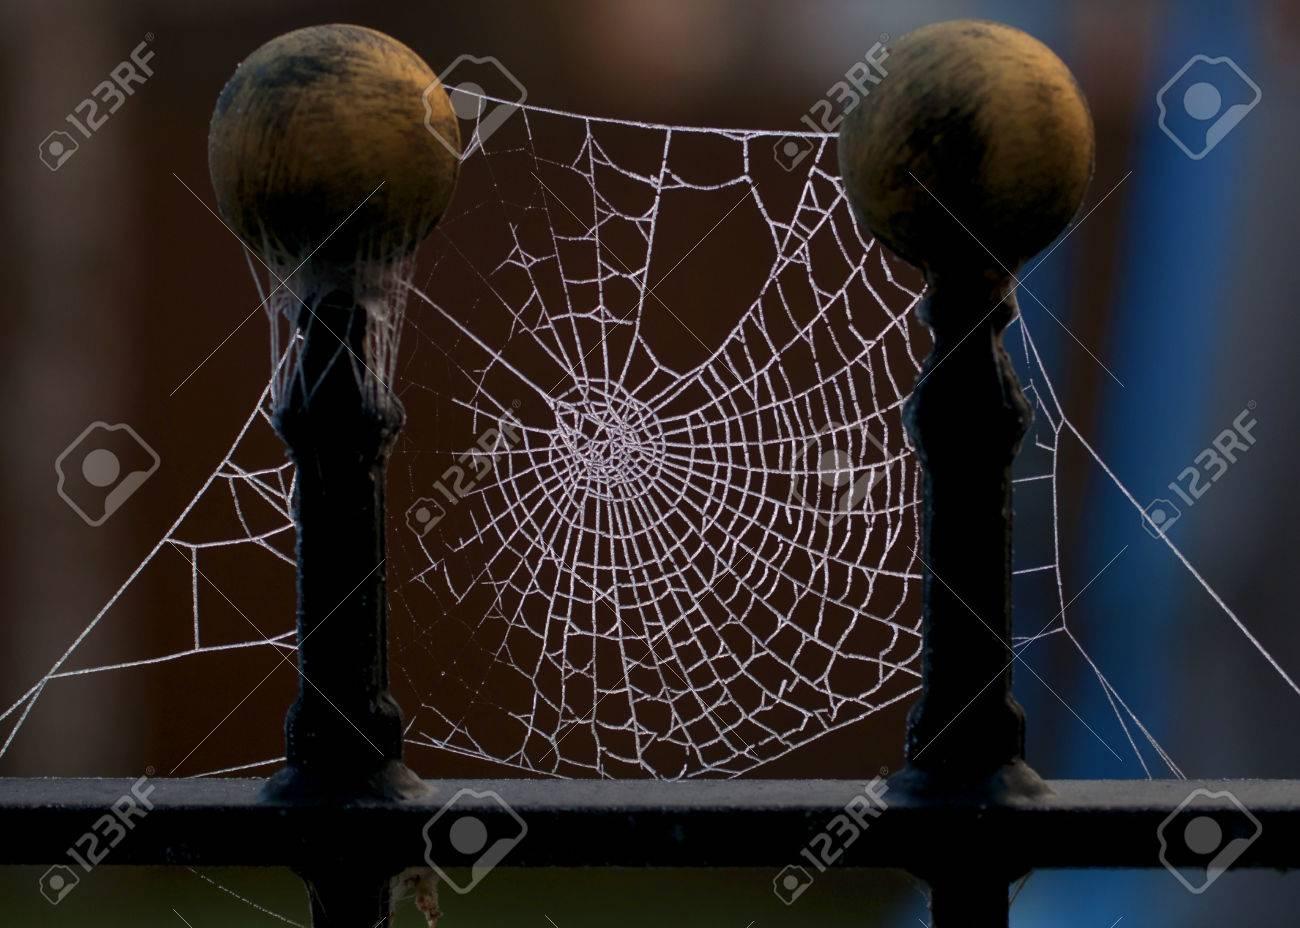 Zwei Spiders Web Auf Zaun Beitrage Von Eiskristallen Aus Gefrorenem